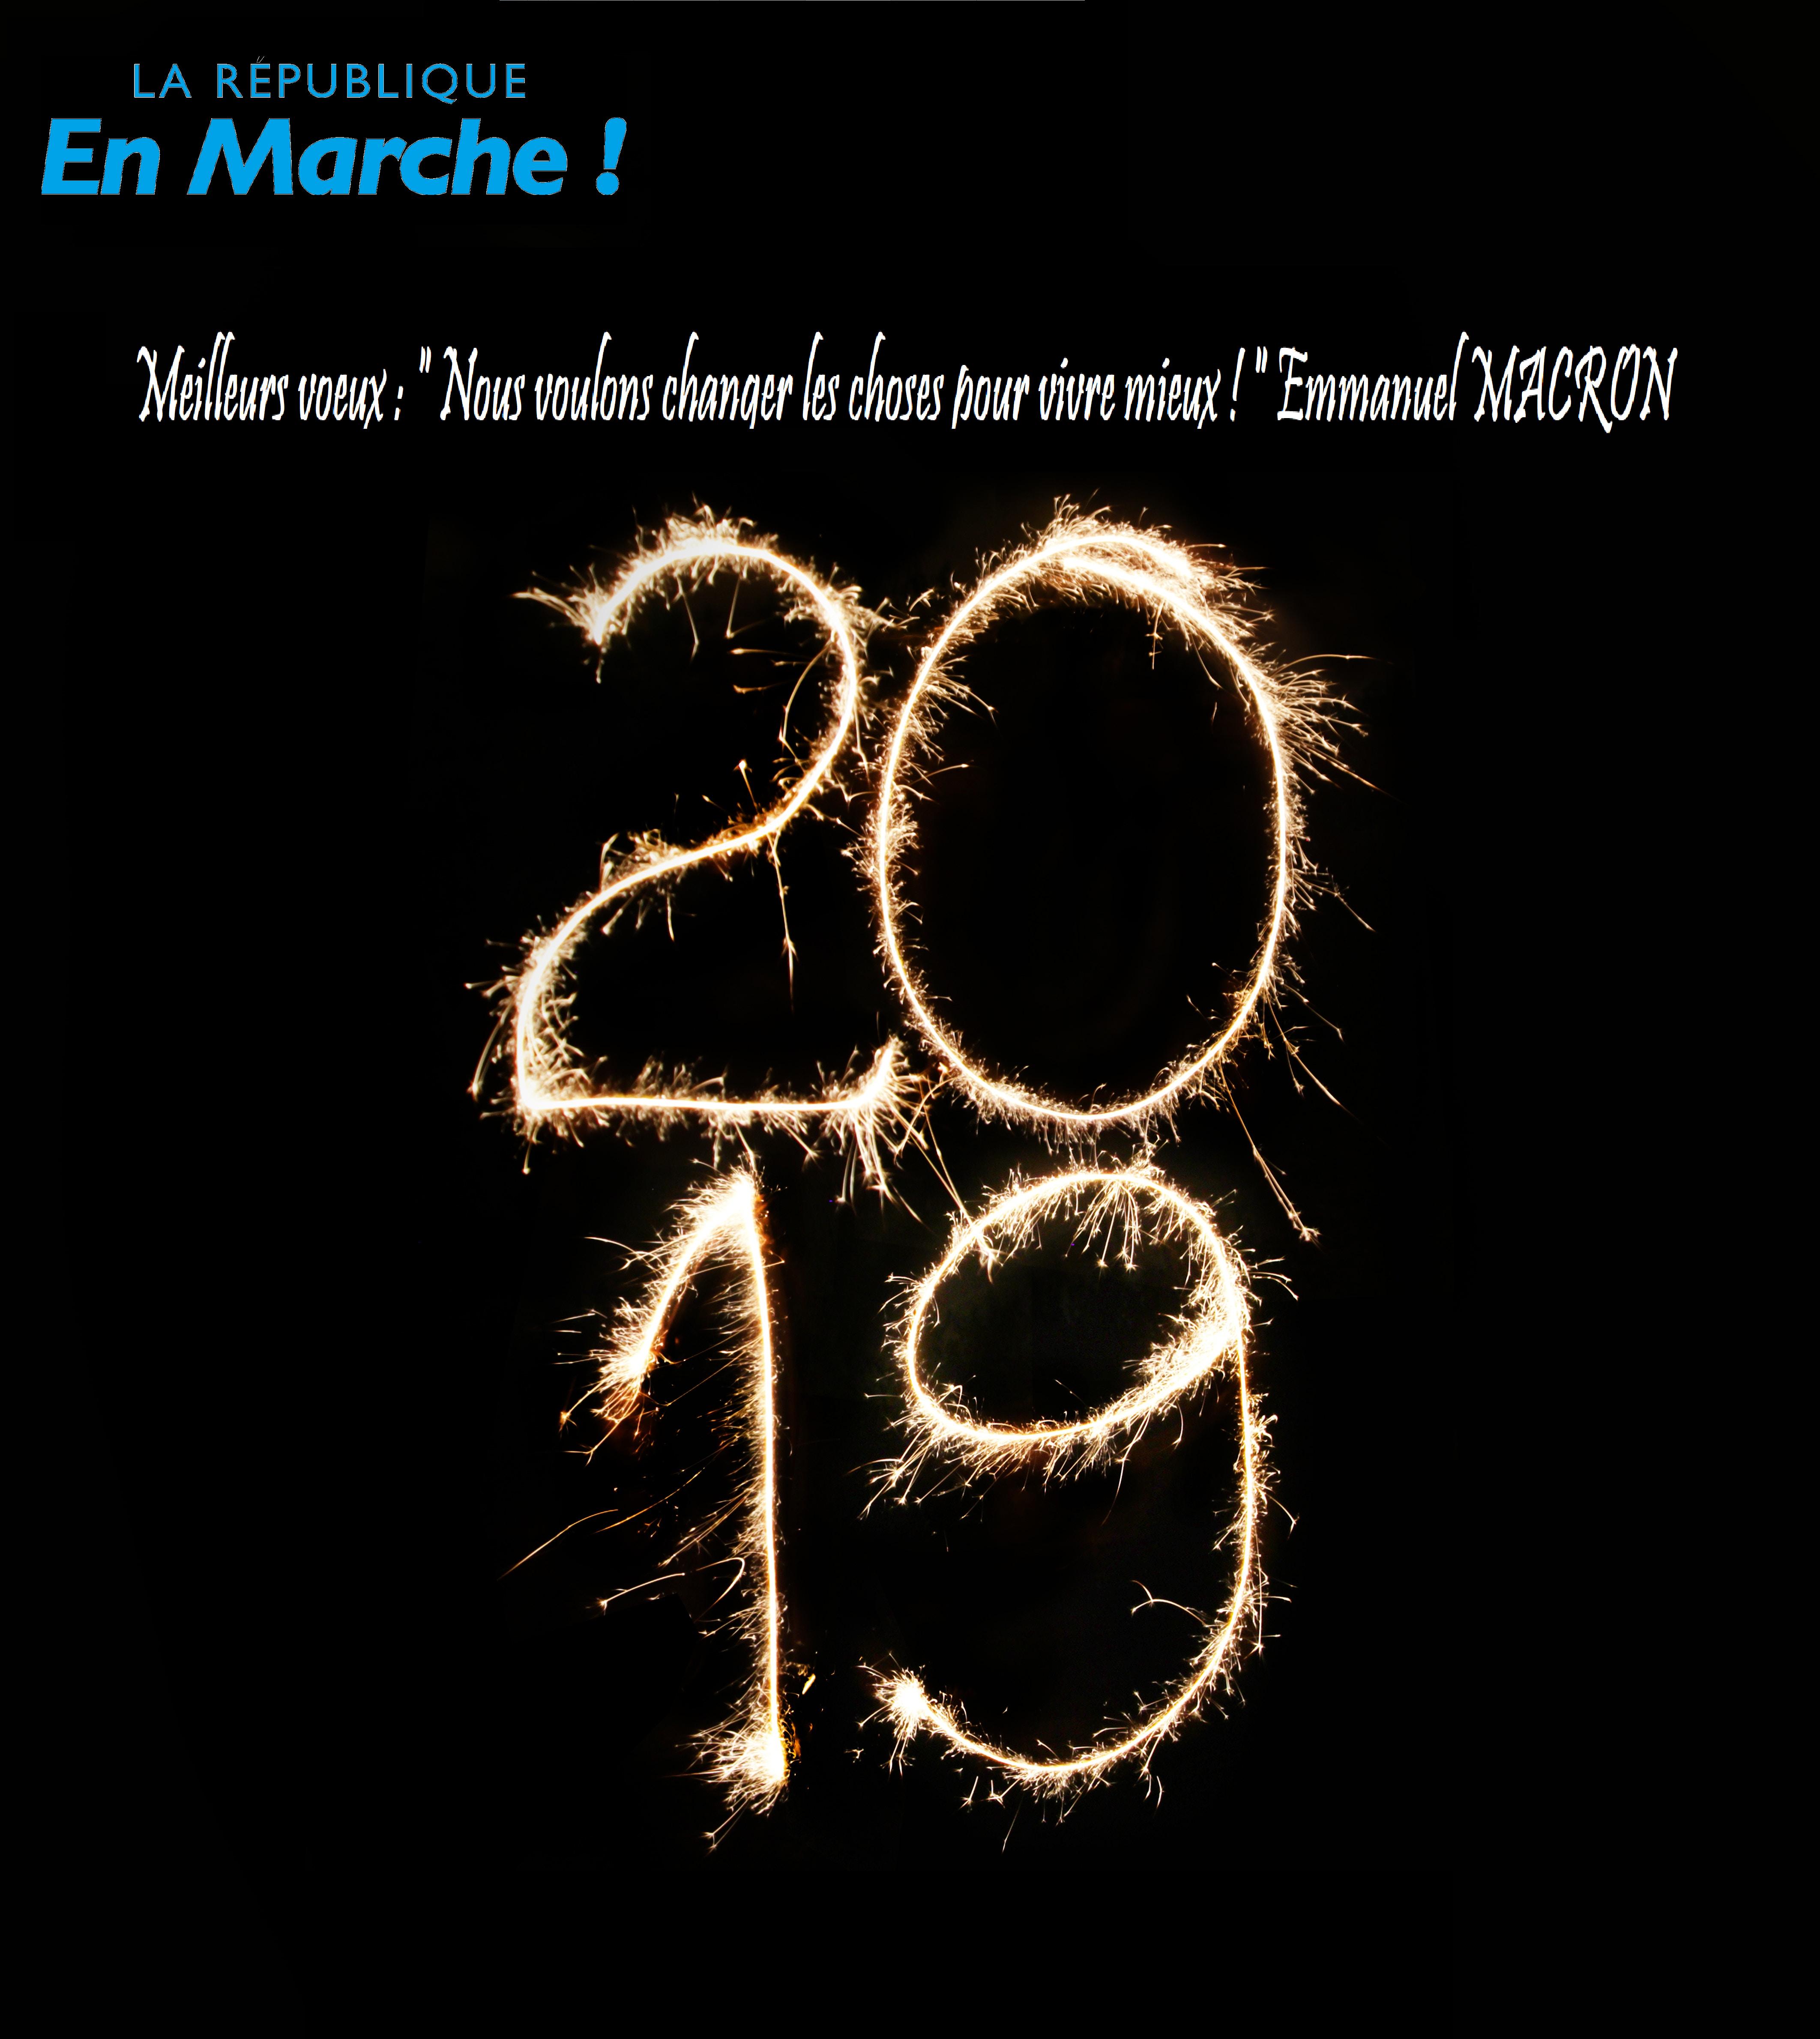 LaREM Paris 7 vous souhaite une excellente année 2019 !